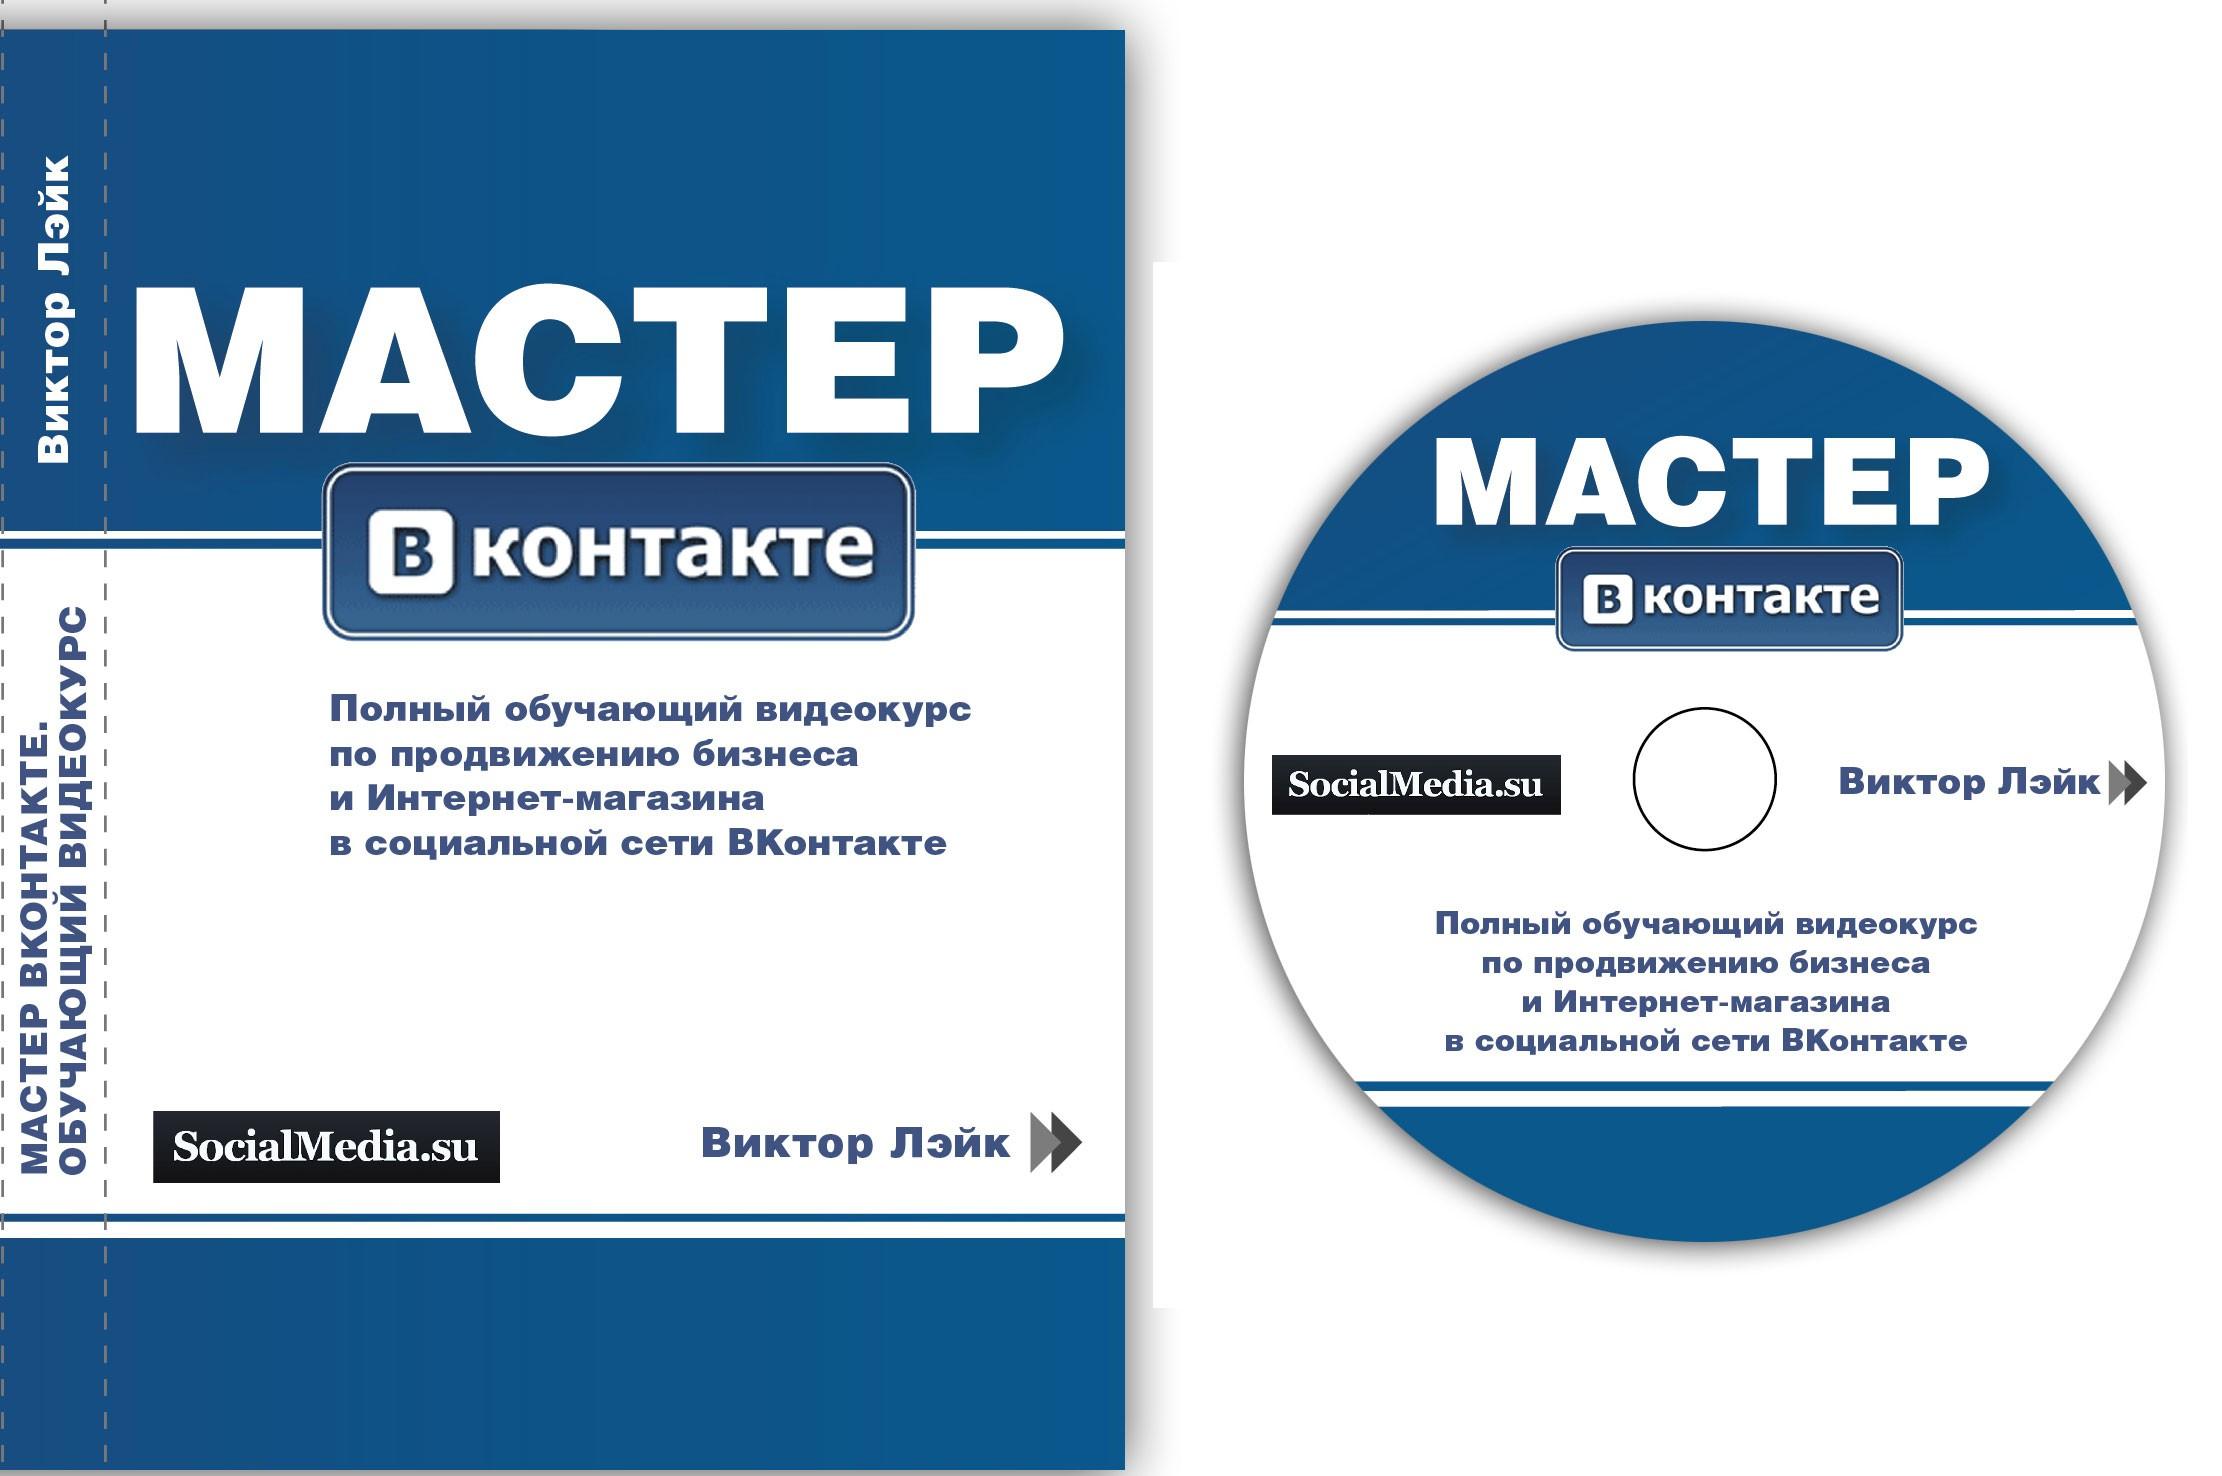 Видеокурс Продвижение бизнеса ВКонтакте готов!